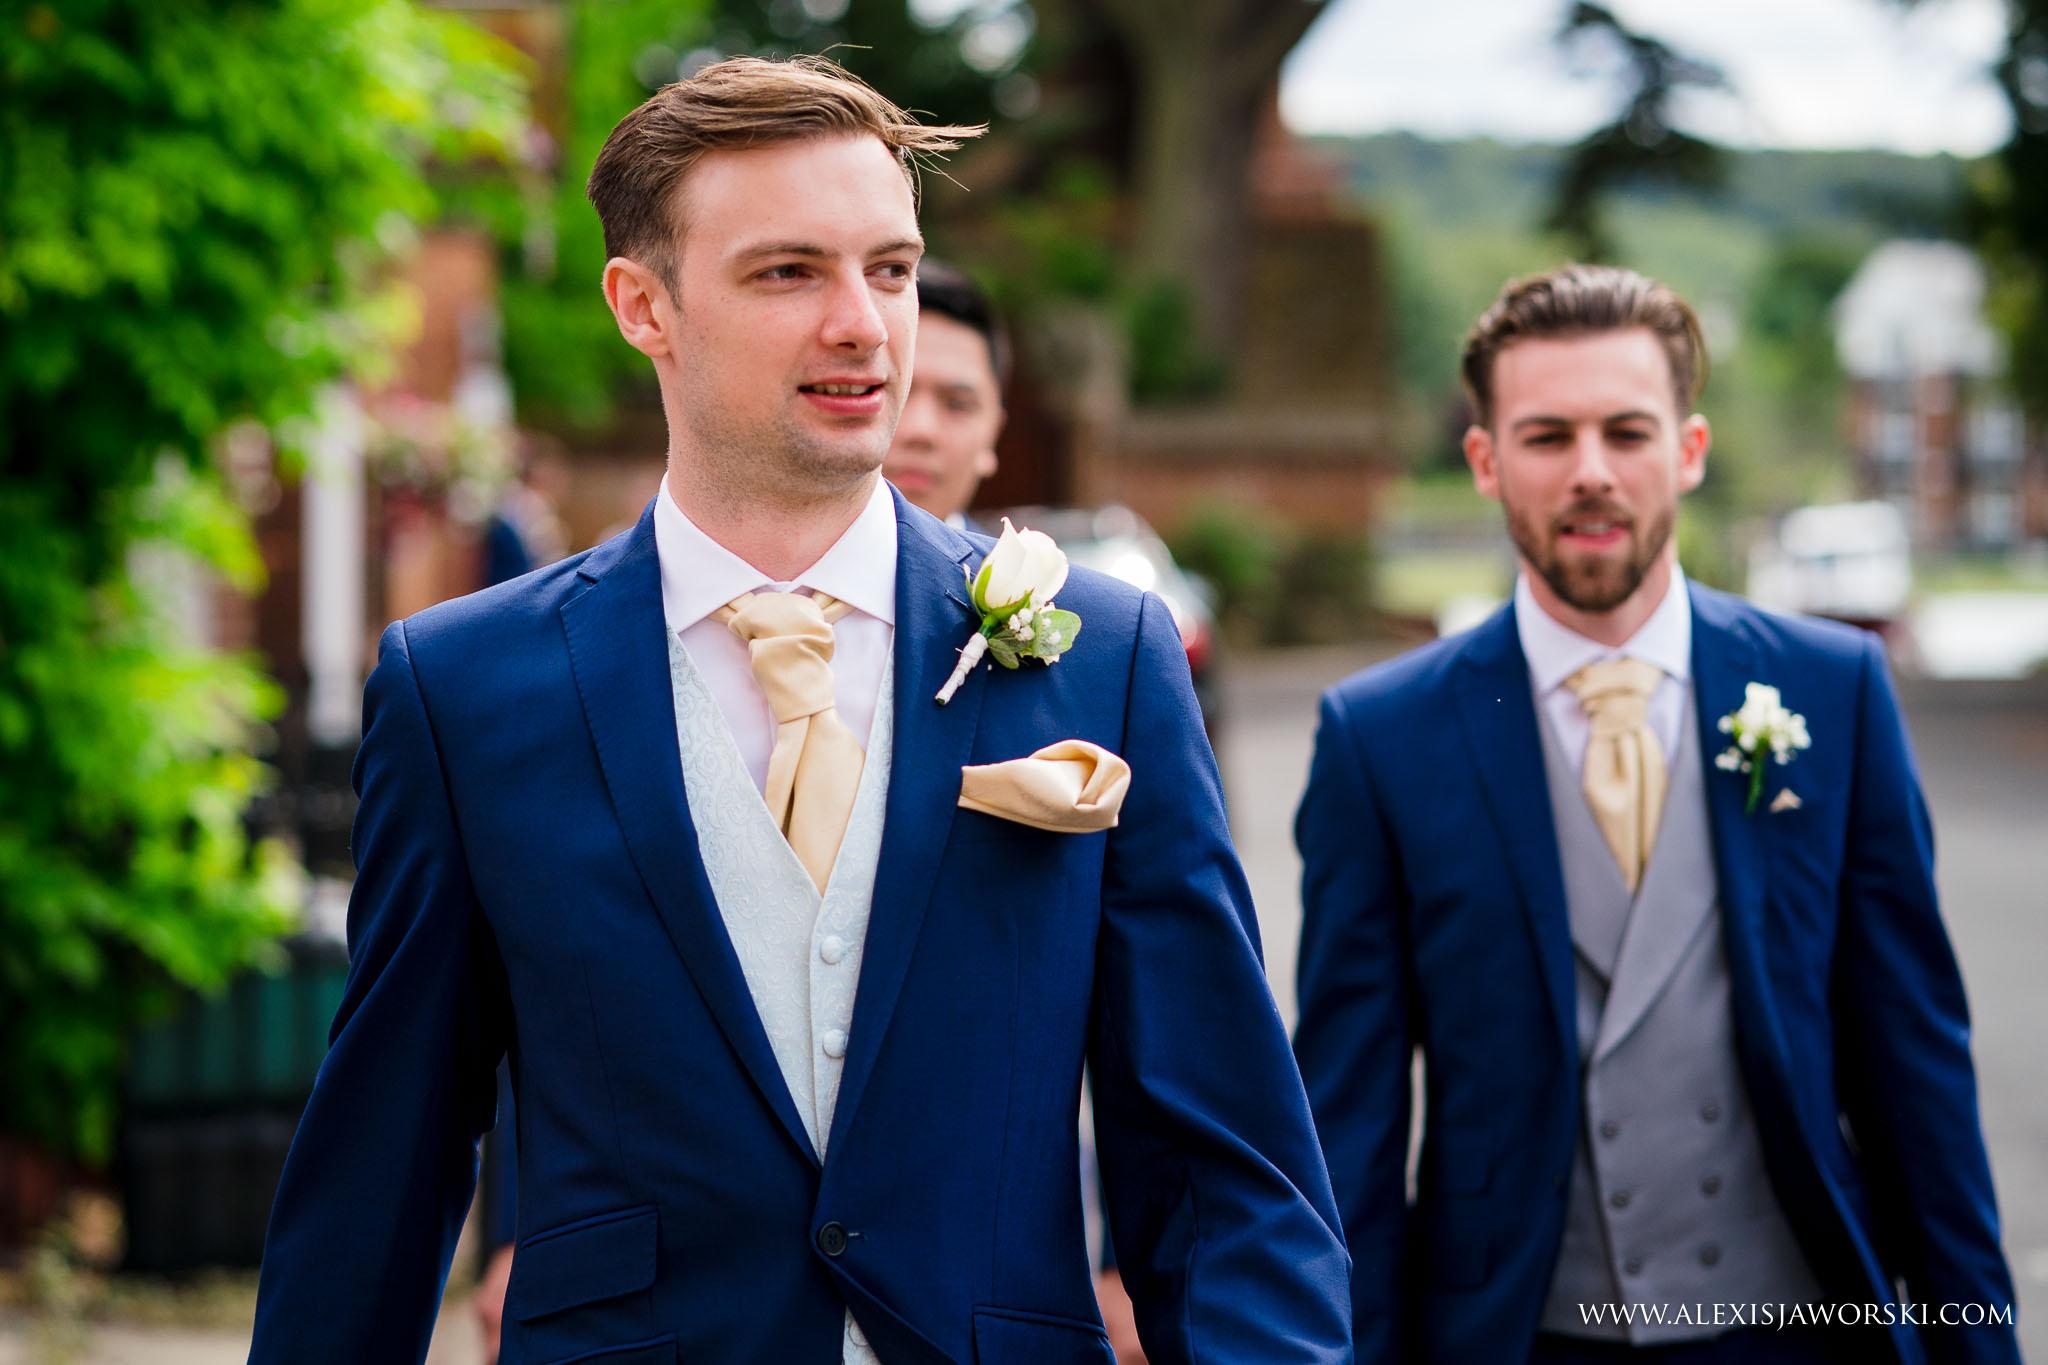 groom arriving